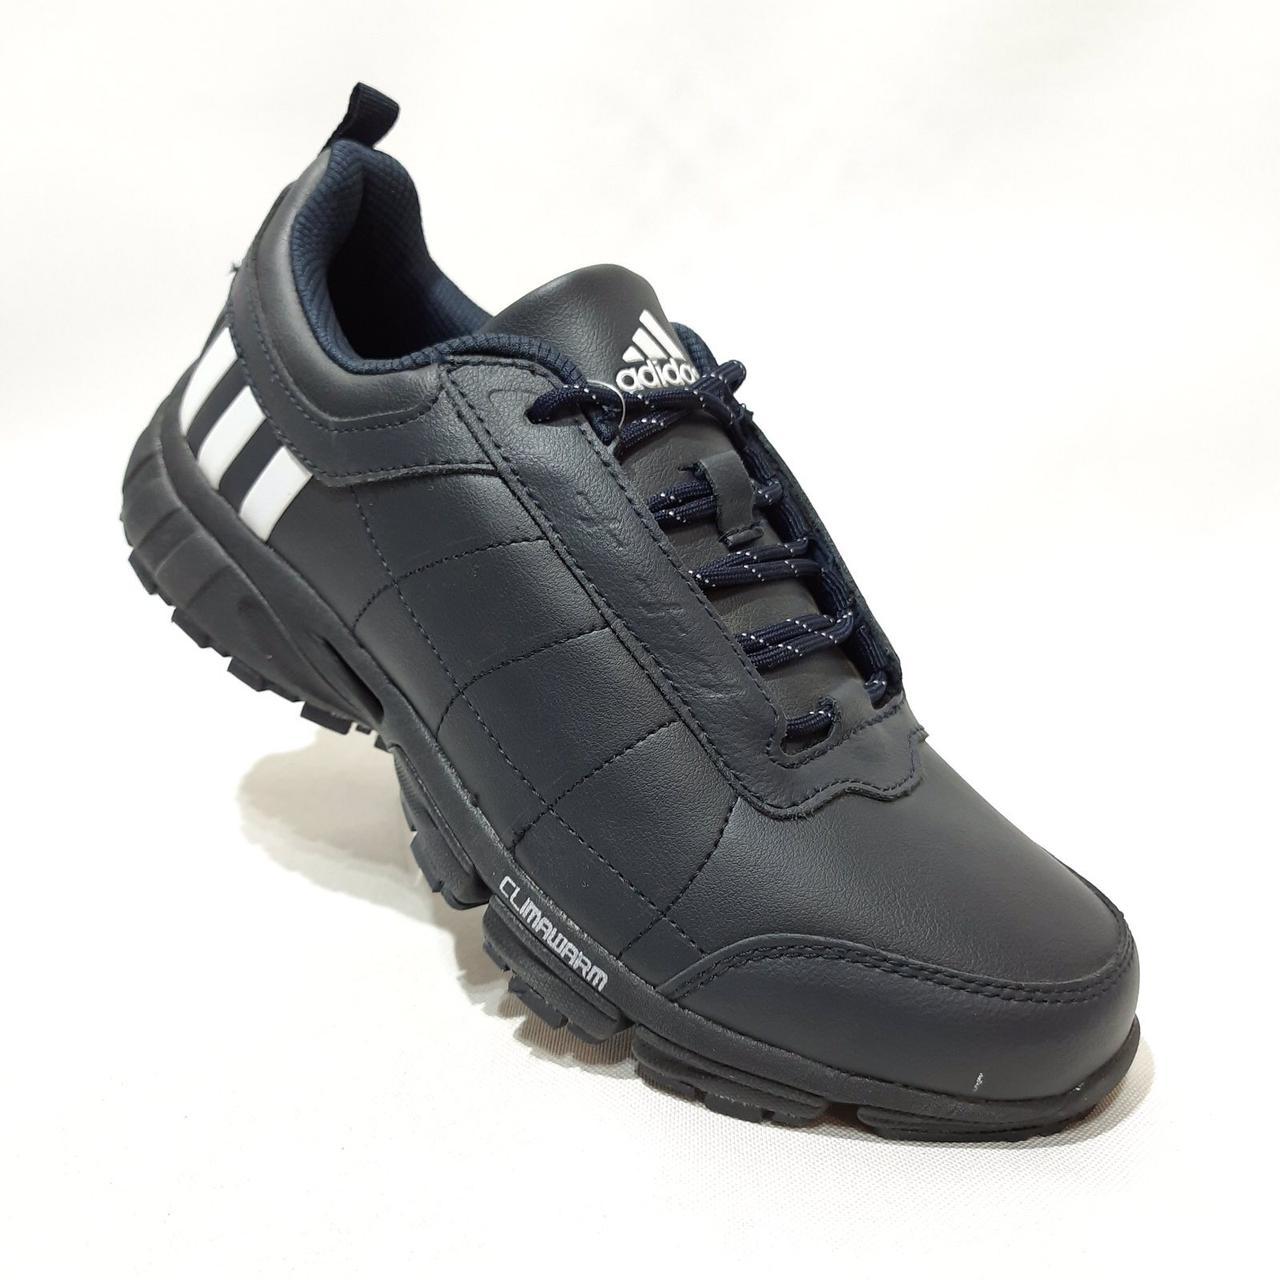 Кросівки чоловічі р. 43, 44, 45,46 Адідас темно синього кольору